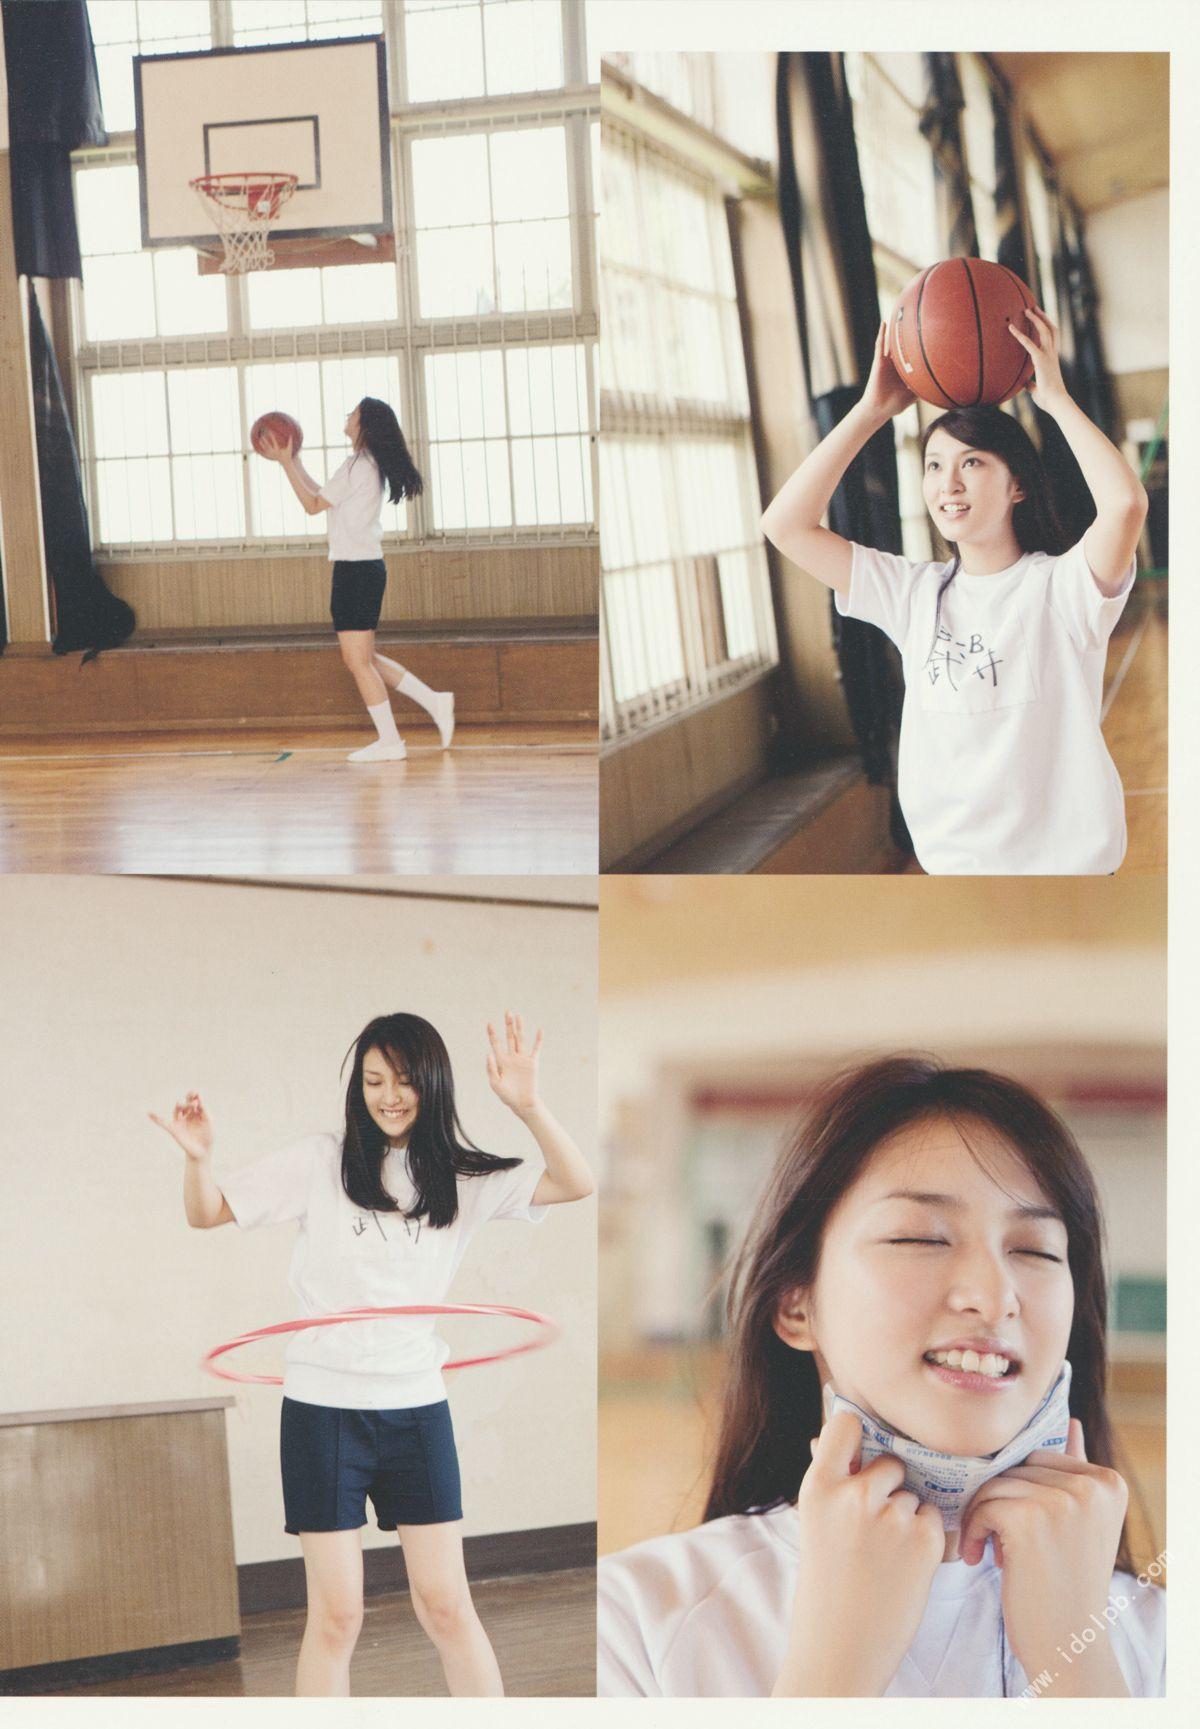 EMI TAKEI 2010032